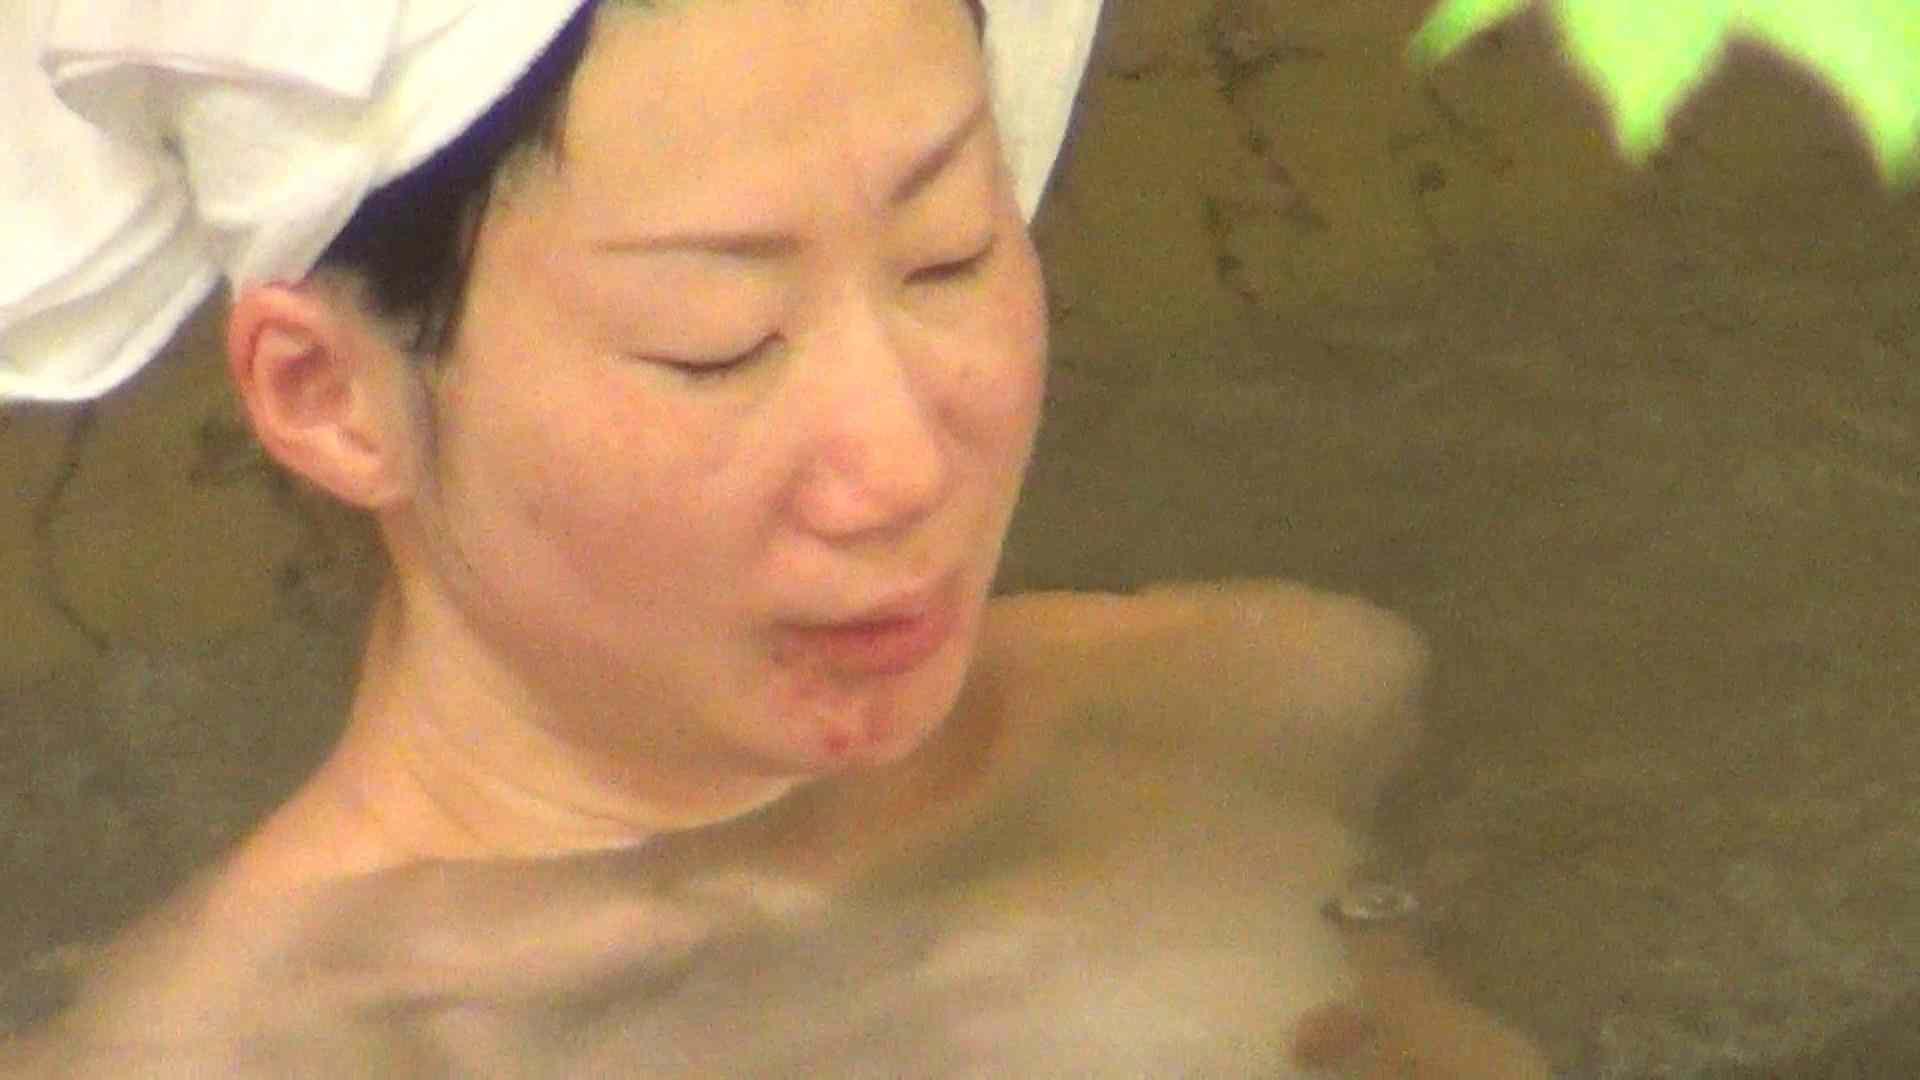 Aquaな露天風呂Vol.247 盗撮  106画像 15